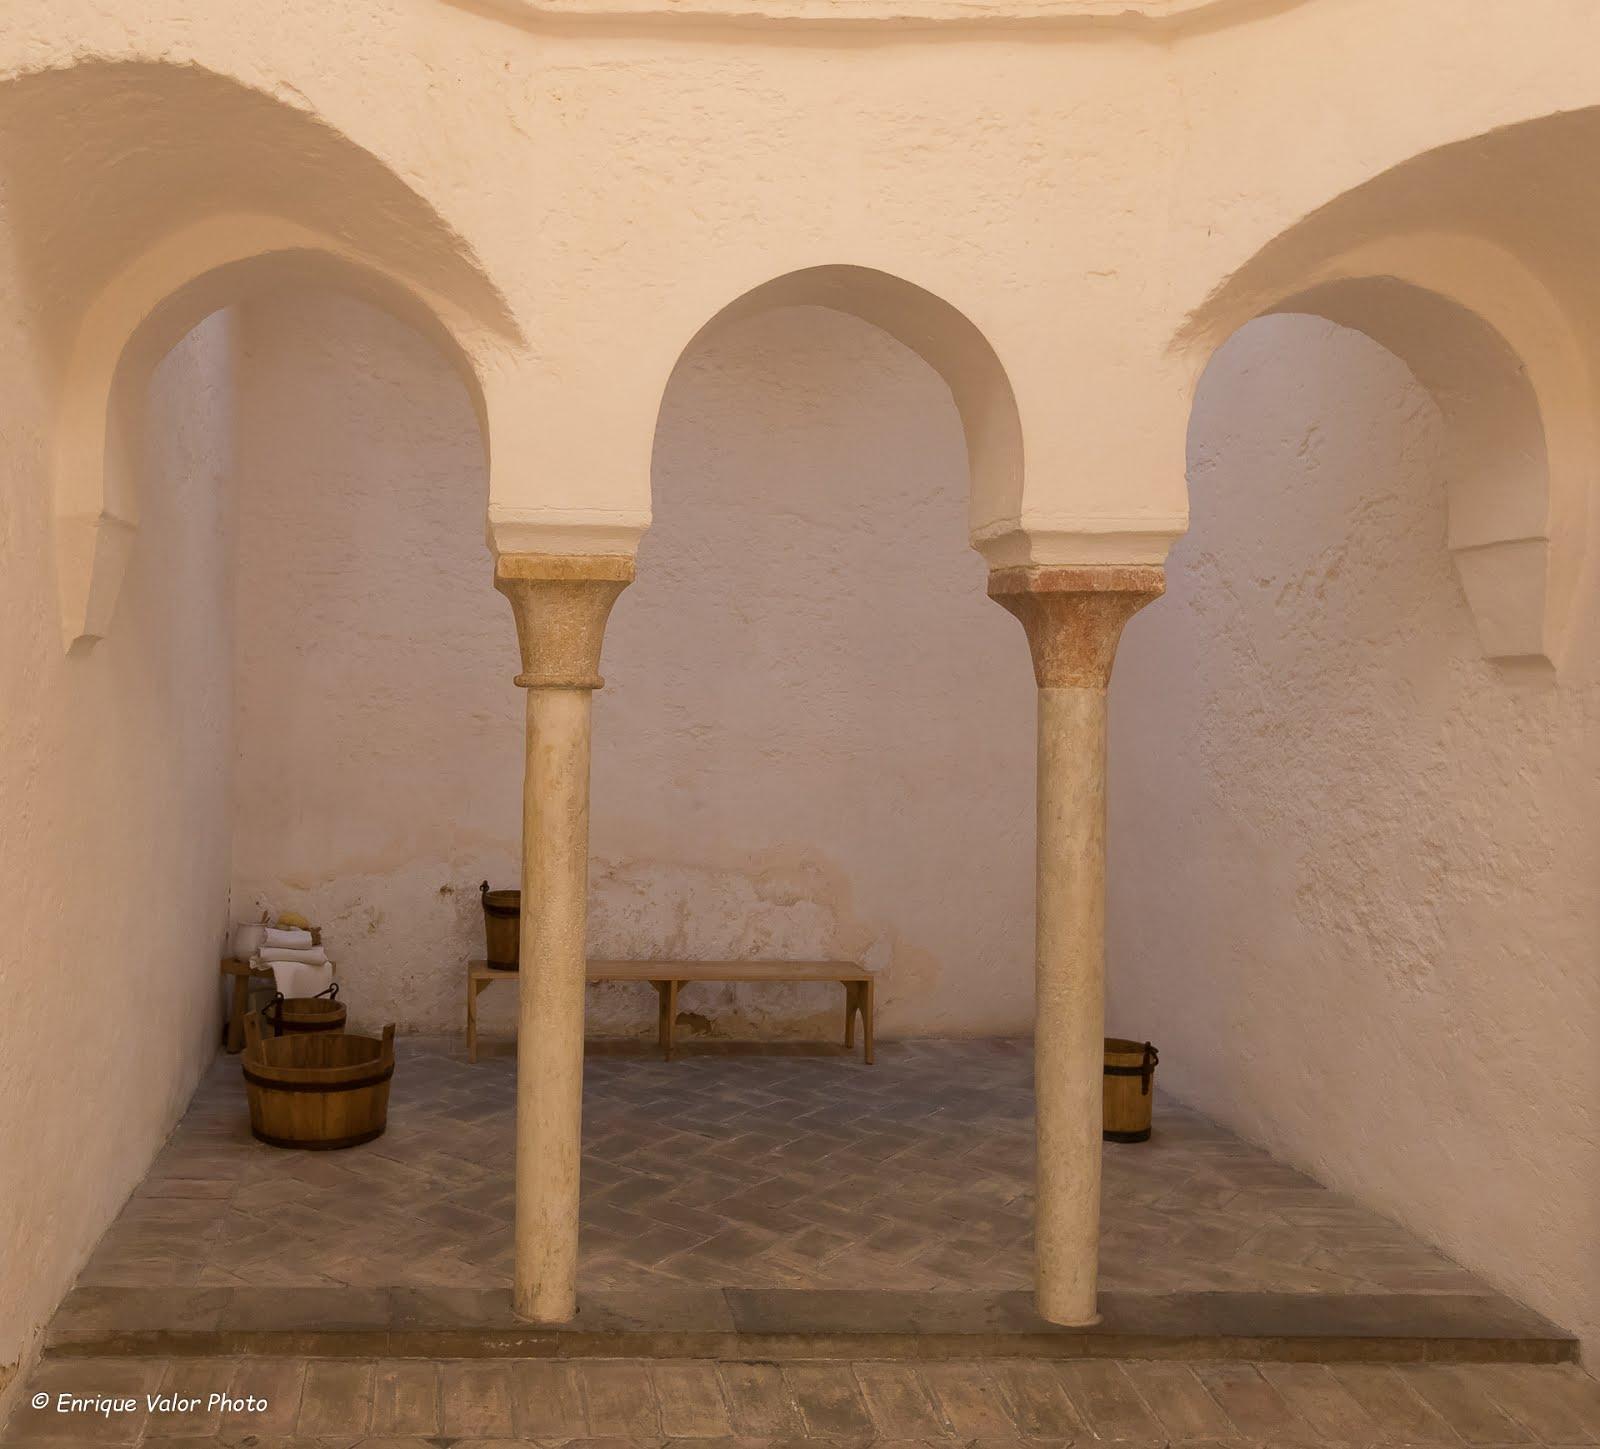 La capturadora de instantes ba os del almirante arab bath hamm m valencia a o 1313 d c - Banos del almirante valencia ...